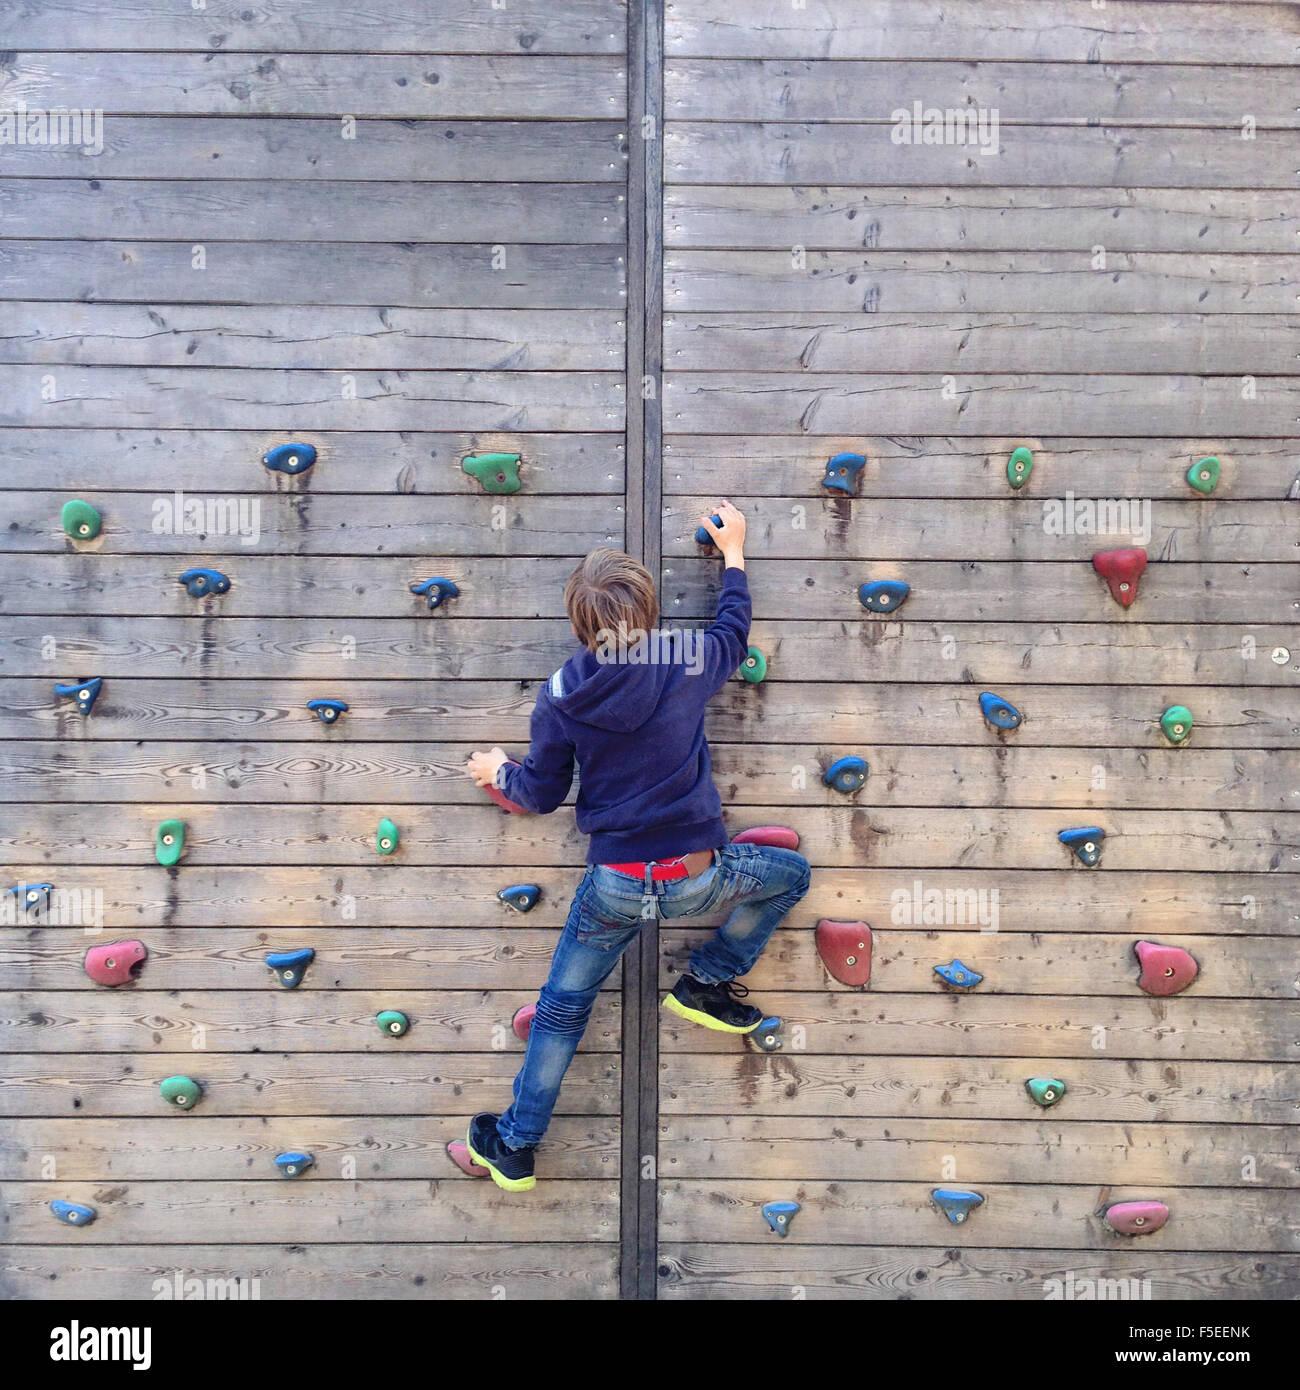 Junge, Klettern an der Kletterwand Stockbild